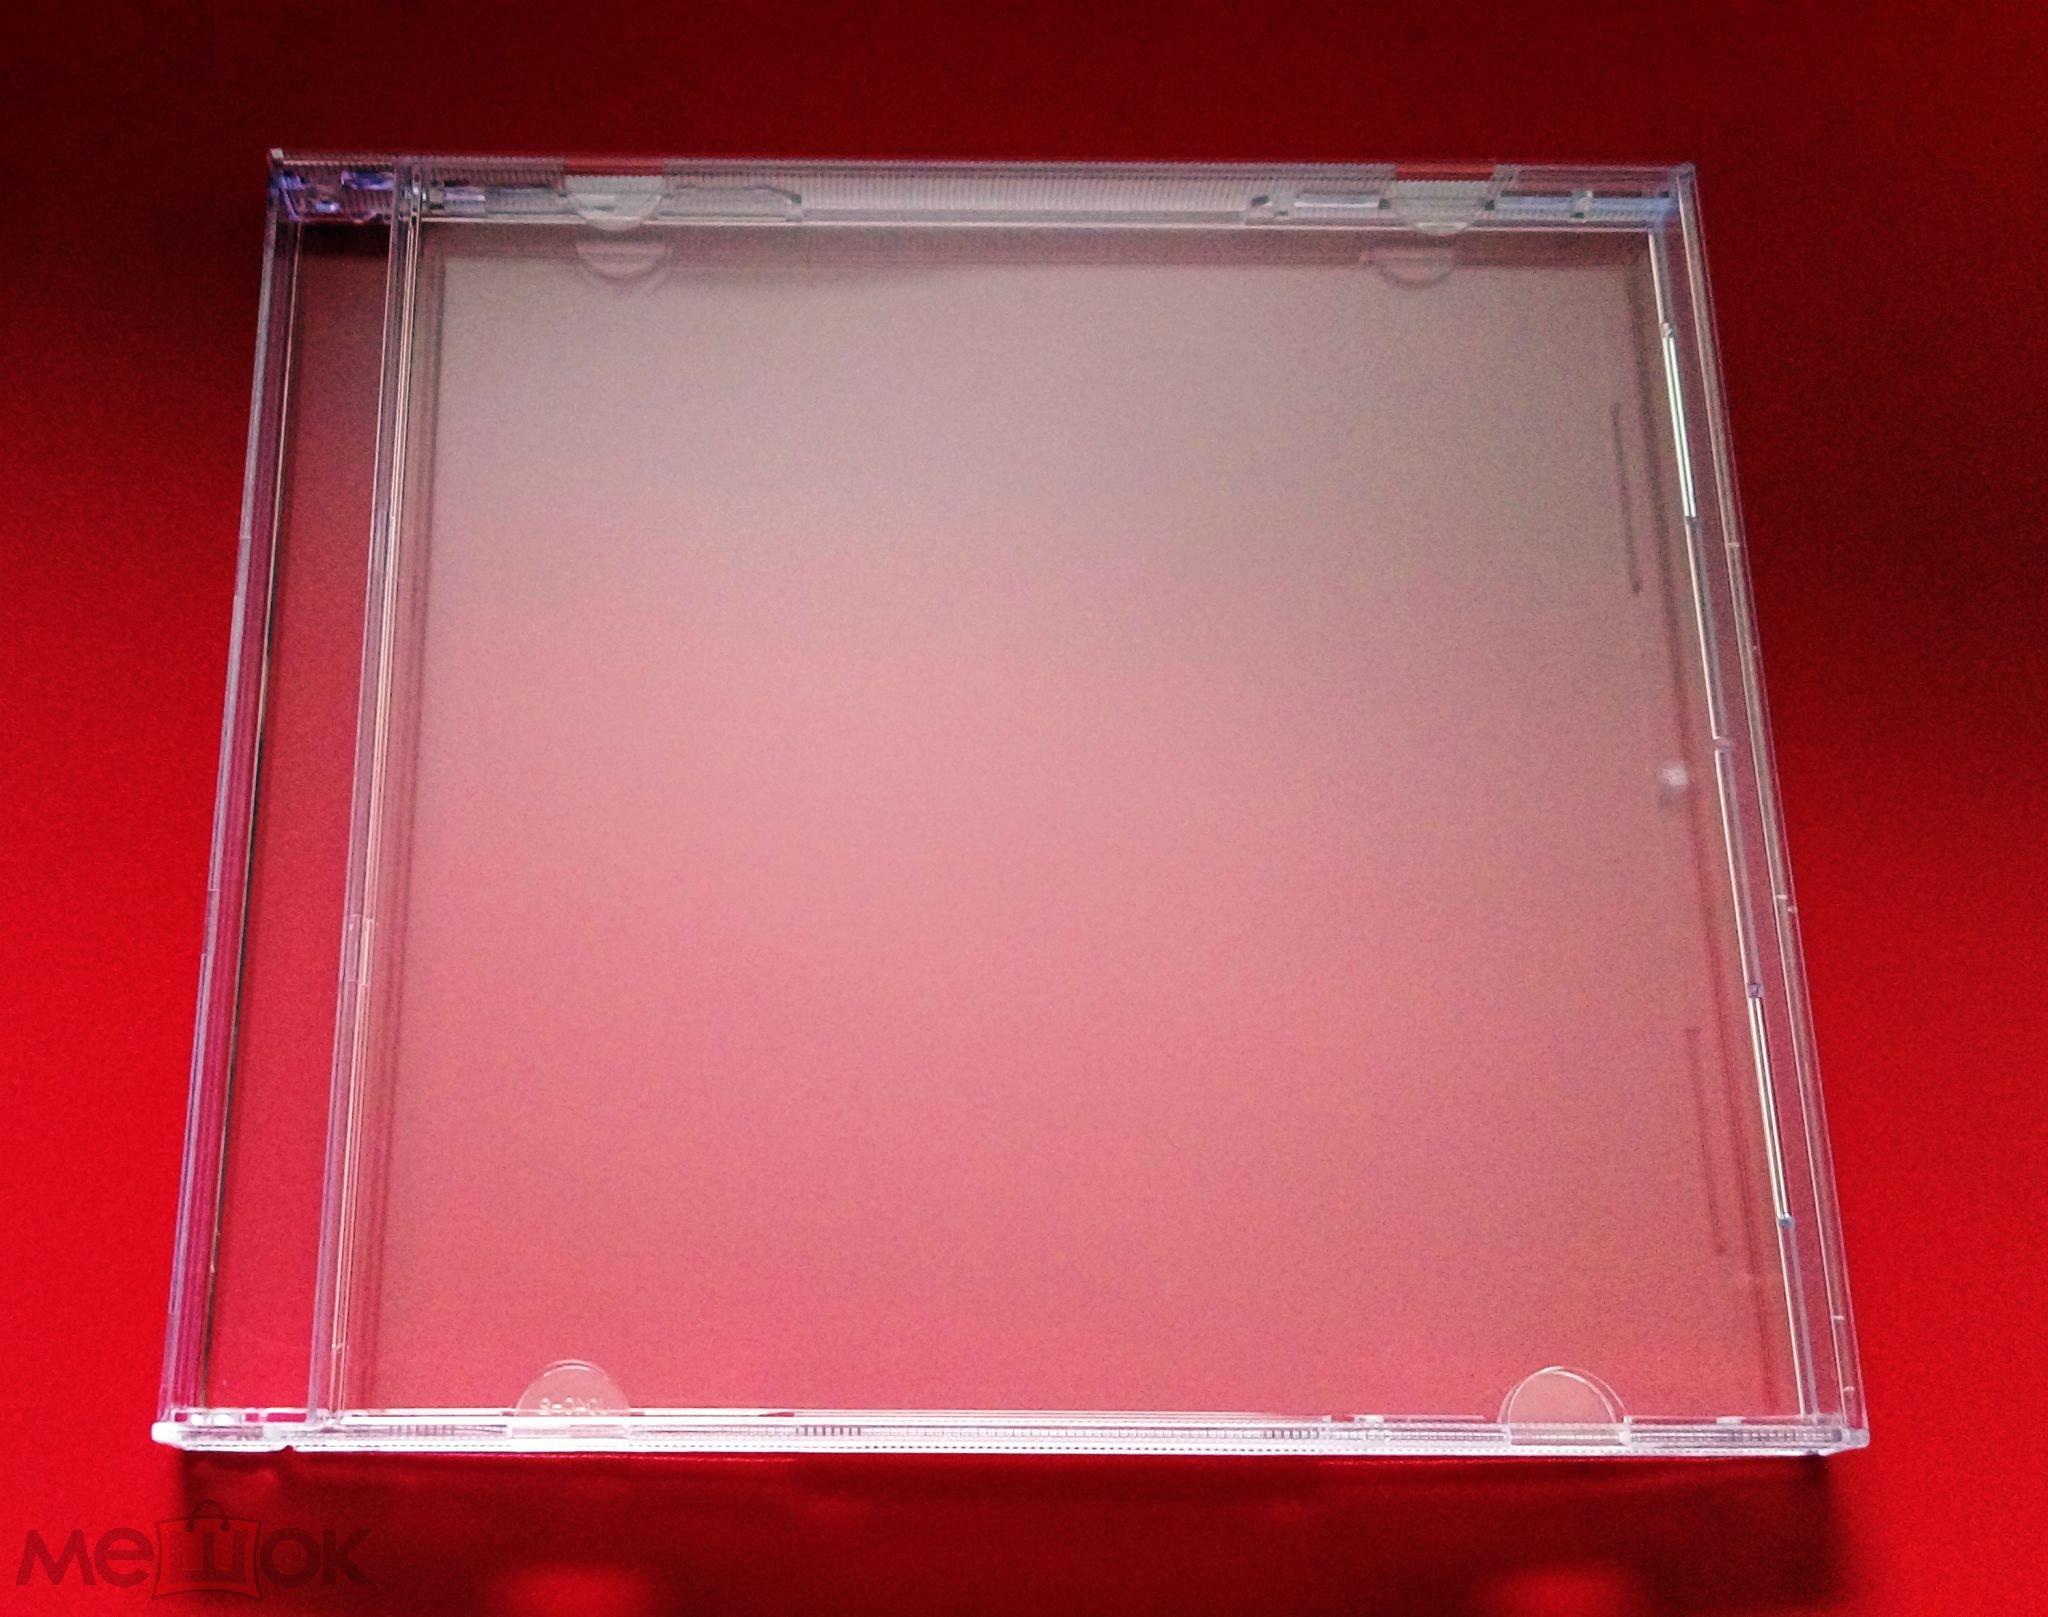 'АКСЕССУАРЫ^НОВЫЙ CD BOX ПРОЗРАЧНЫЙ БЕЗ TRAY=JEWEL CASE CLEAR футляр*бокс*трей*диск*коробка GERMANY